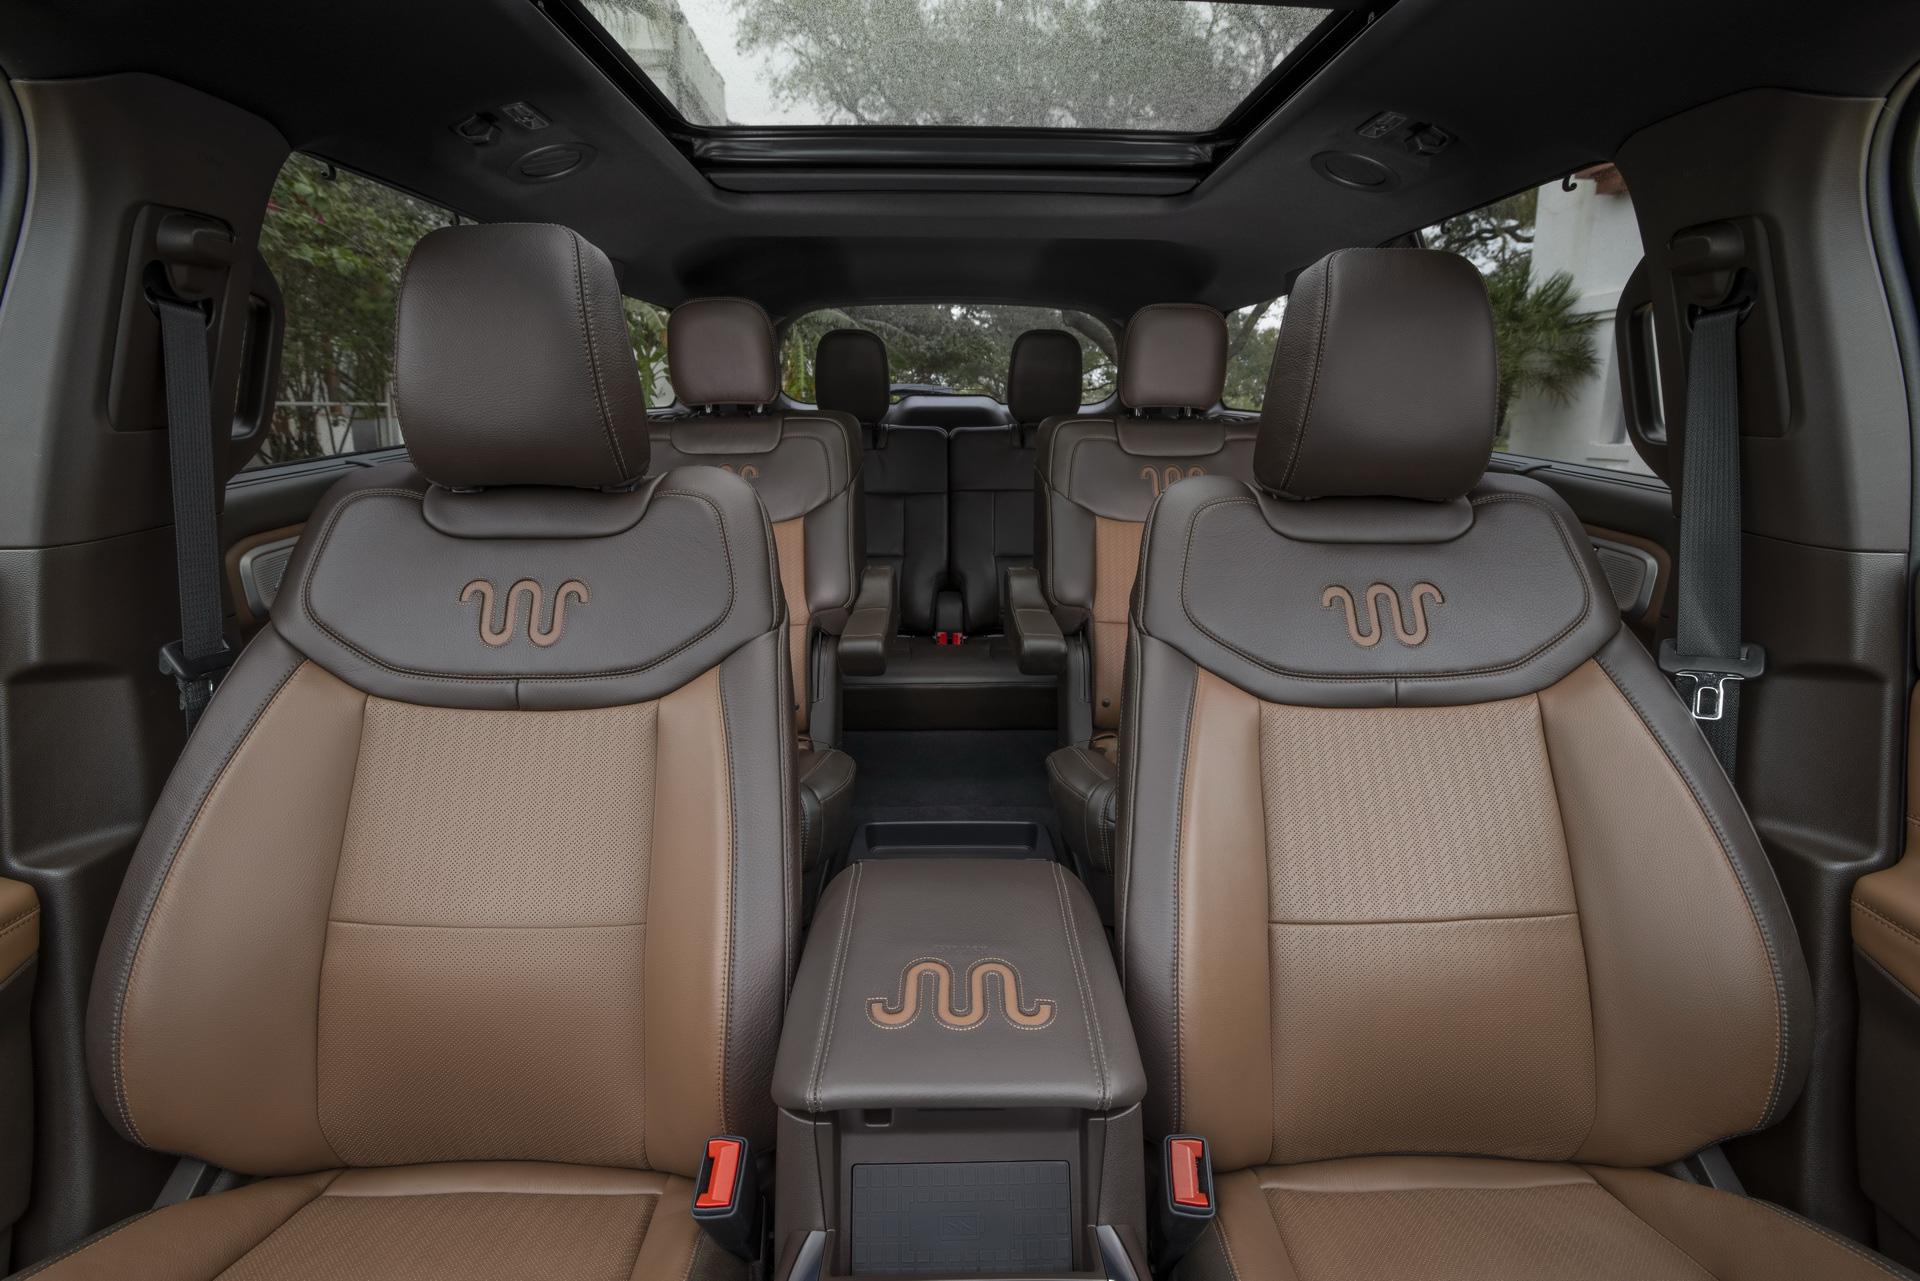 Ford tung dòng SUV khiến Honda CR-V, Mazda CX-5 lo lắng - Ảnh 5.